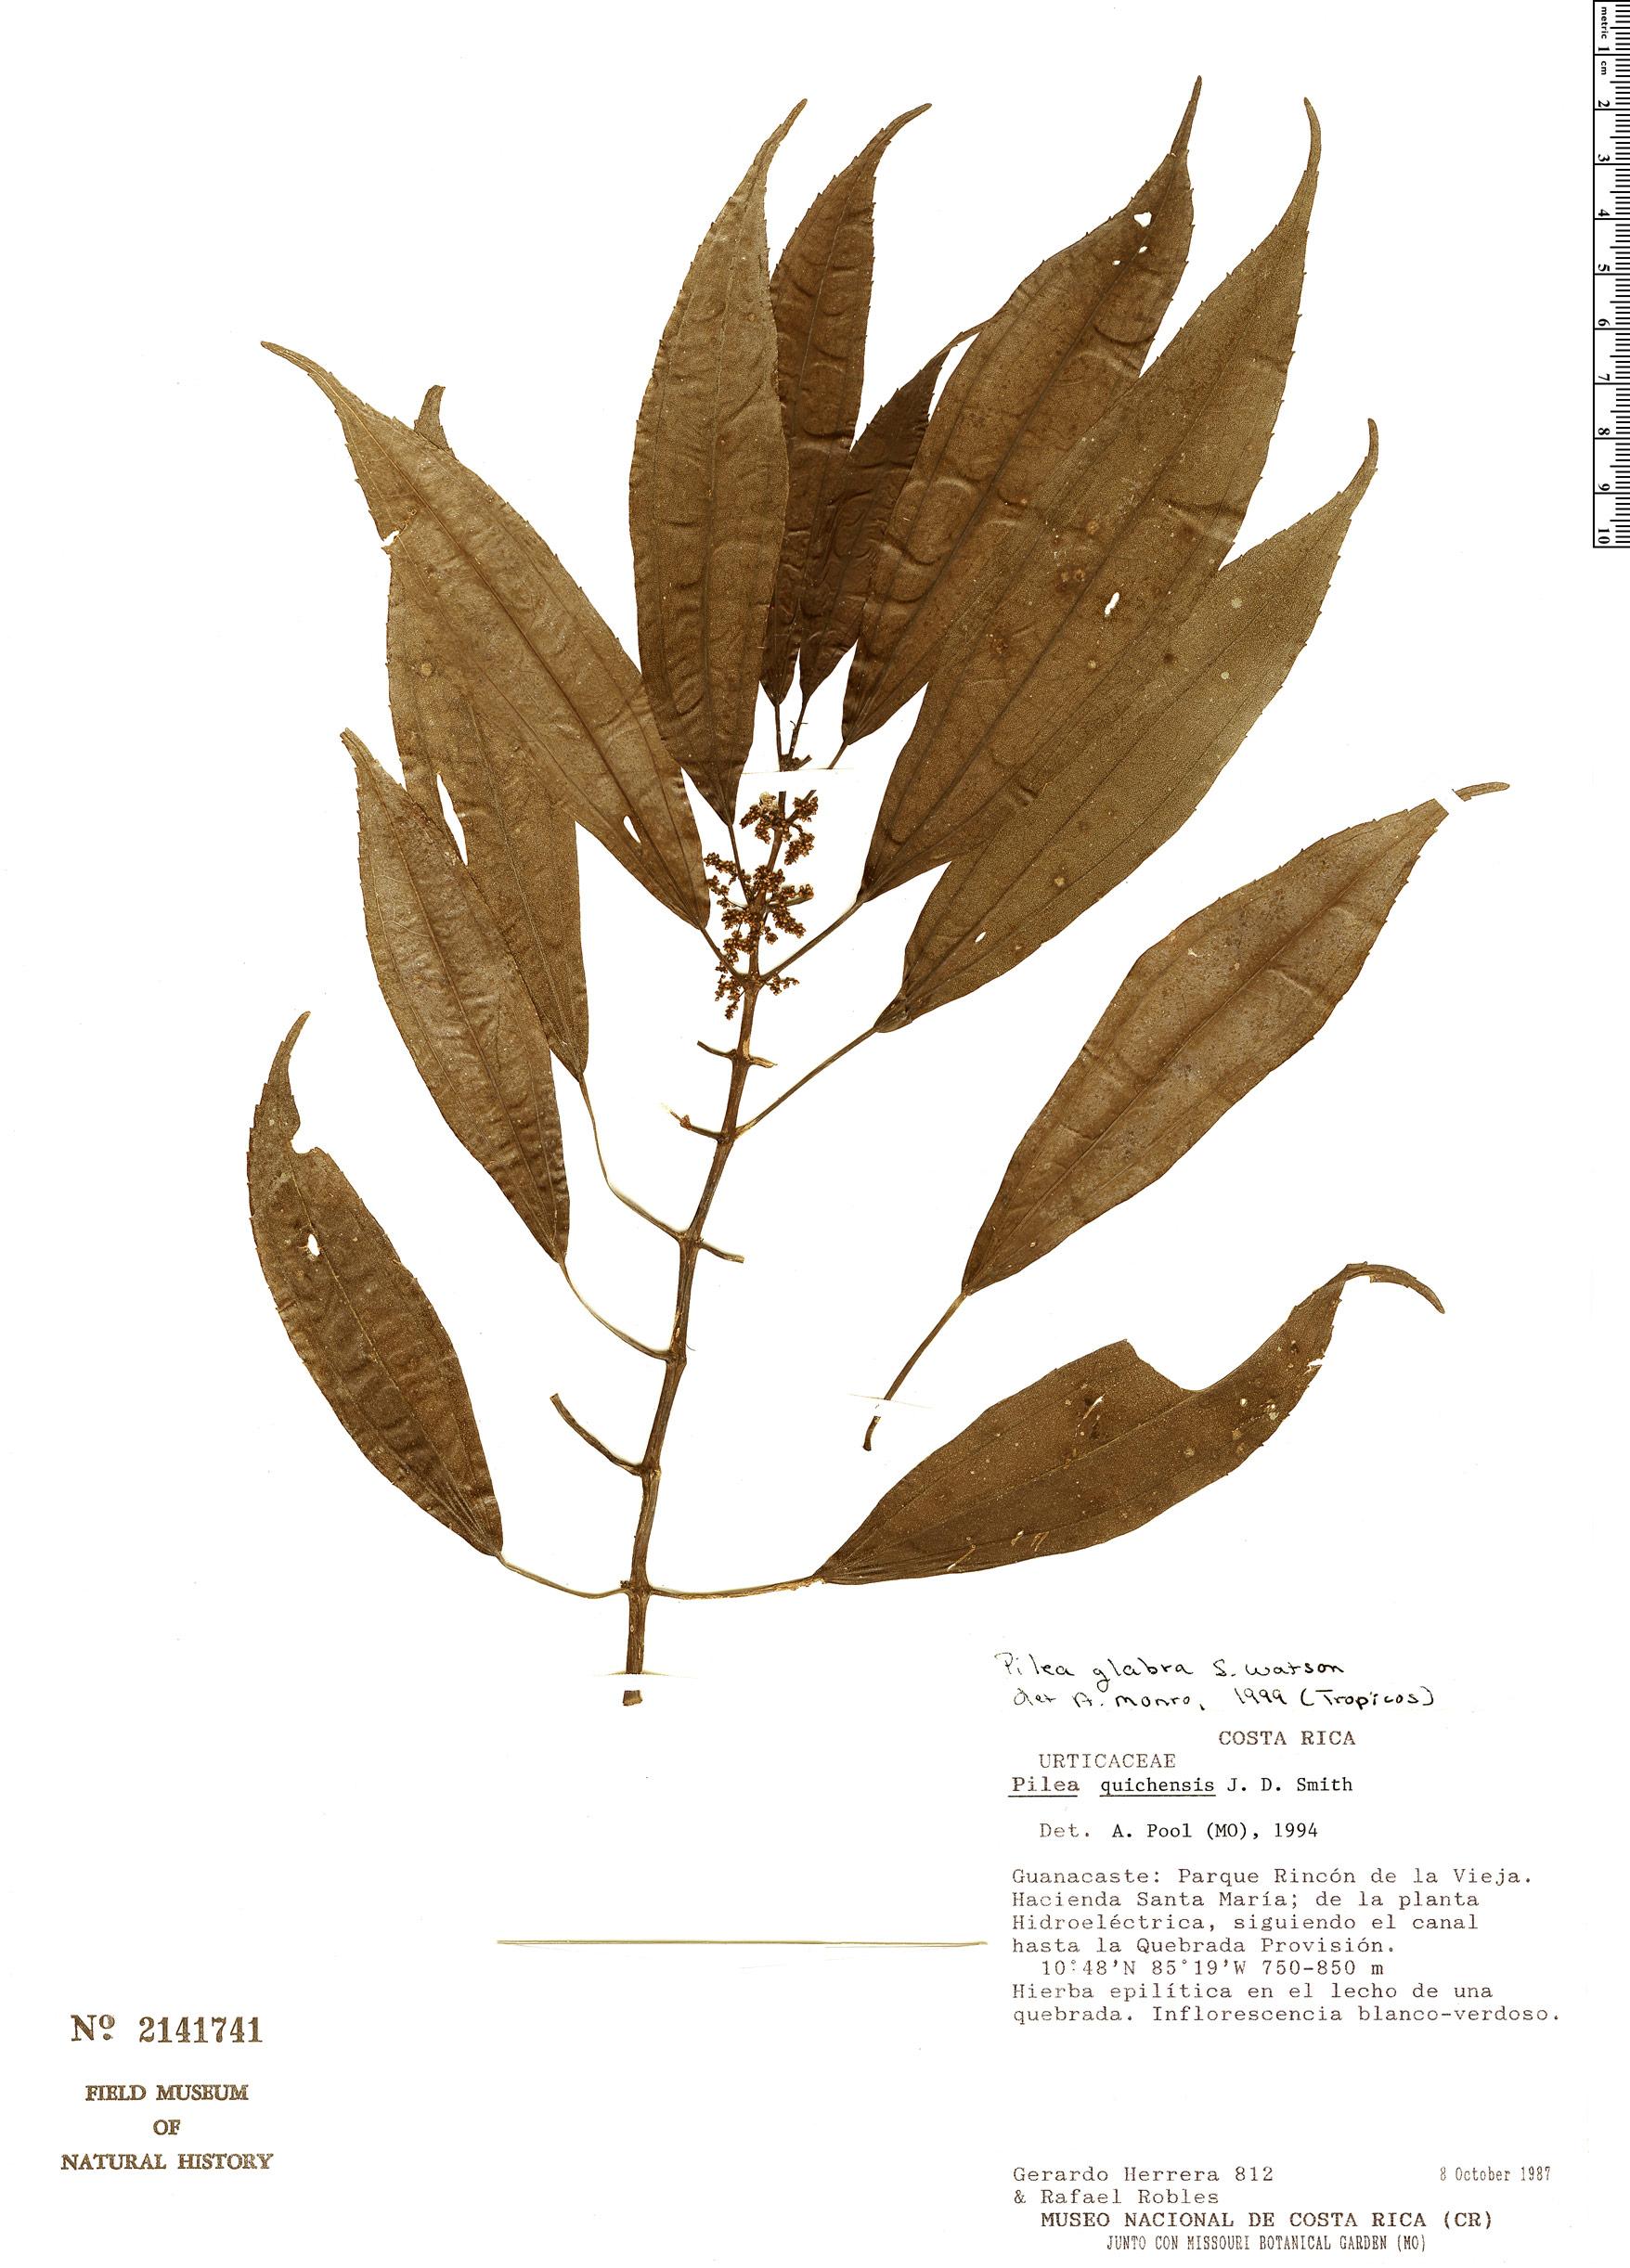 Specimen: Pilea glabra